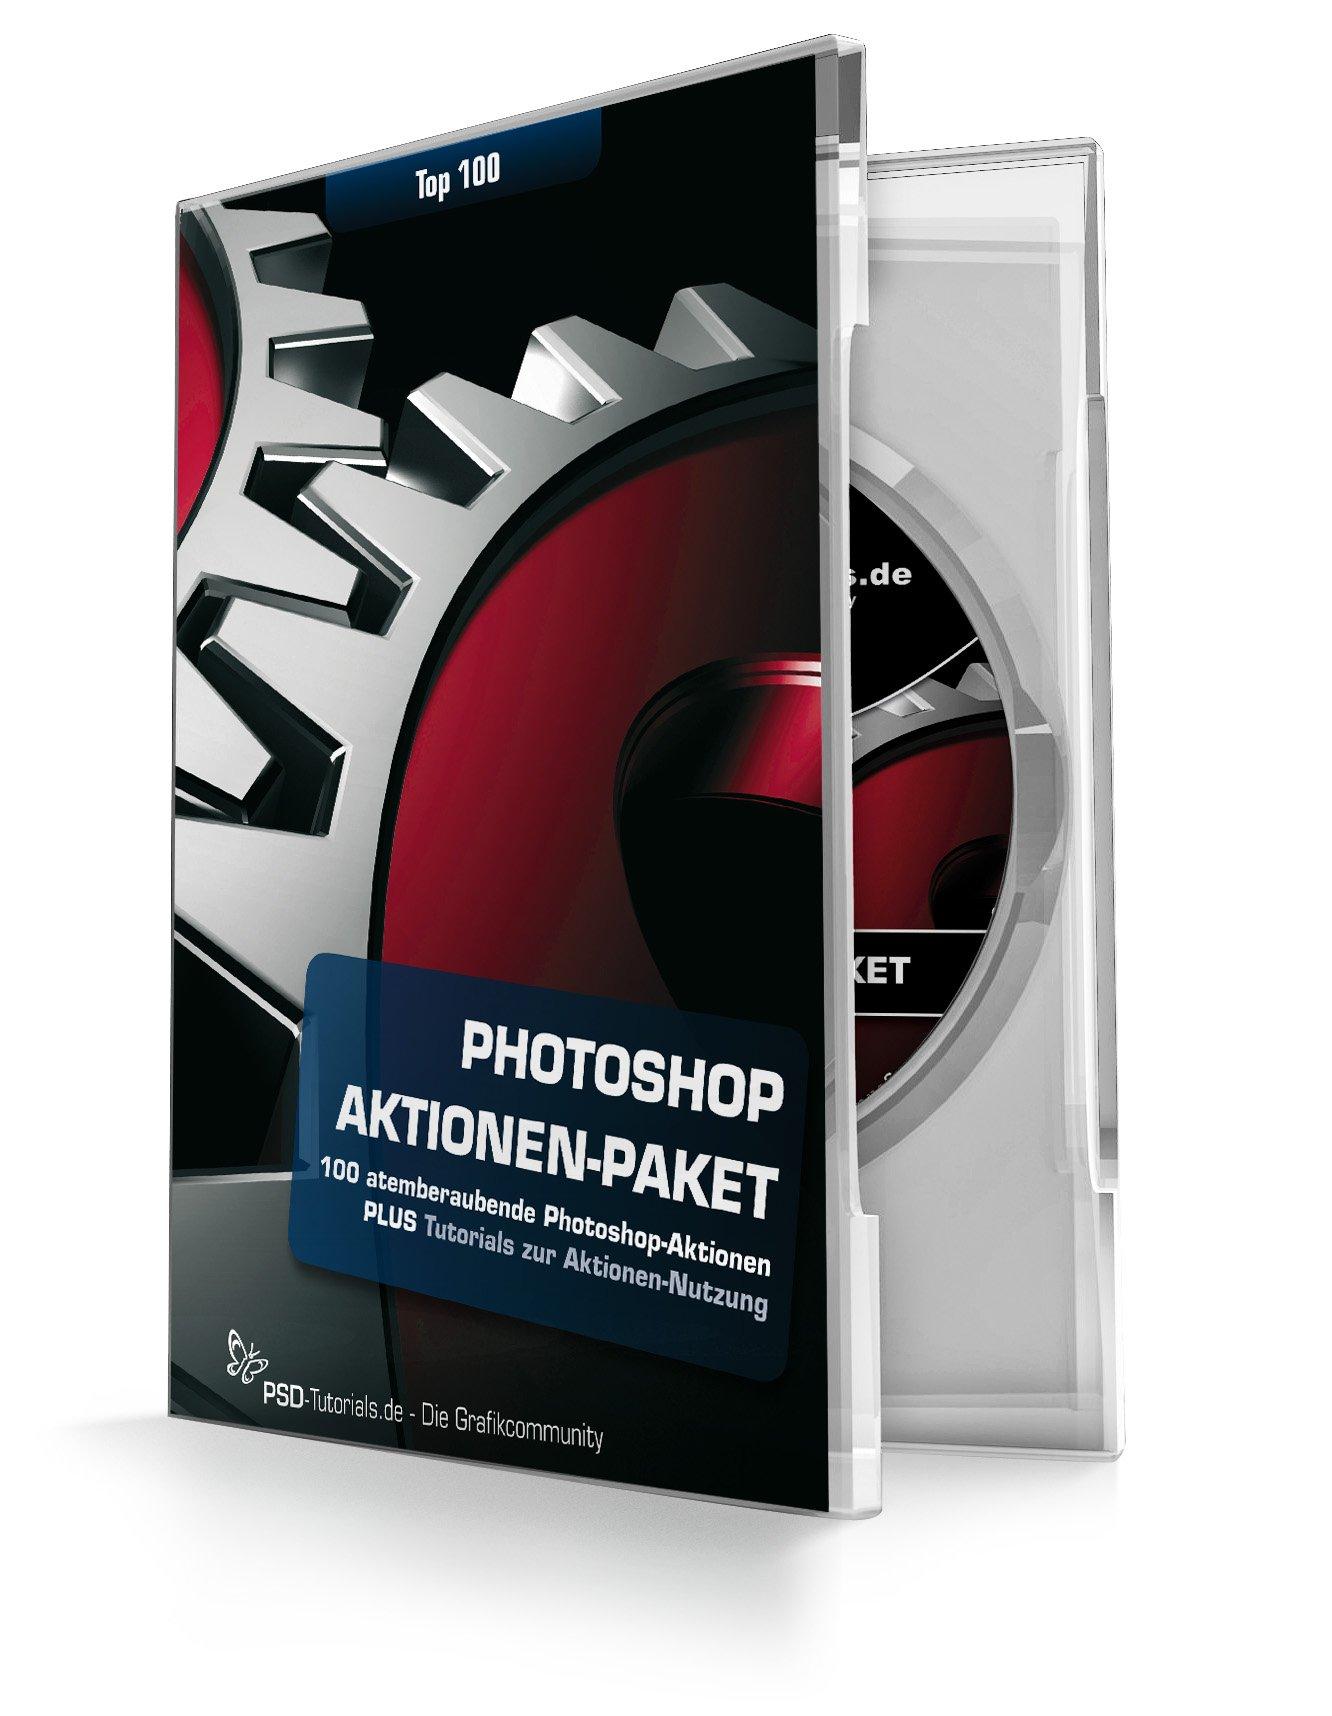 Photoshop-Aktionen-DVD - Top 100 Aktionen für Photoshop von PSD ...